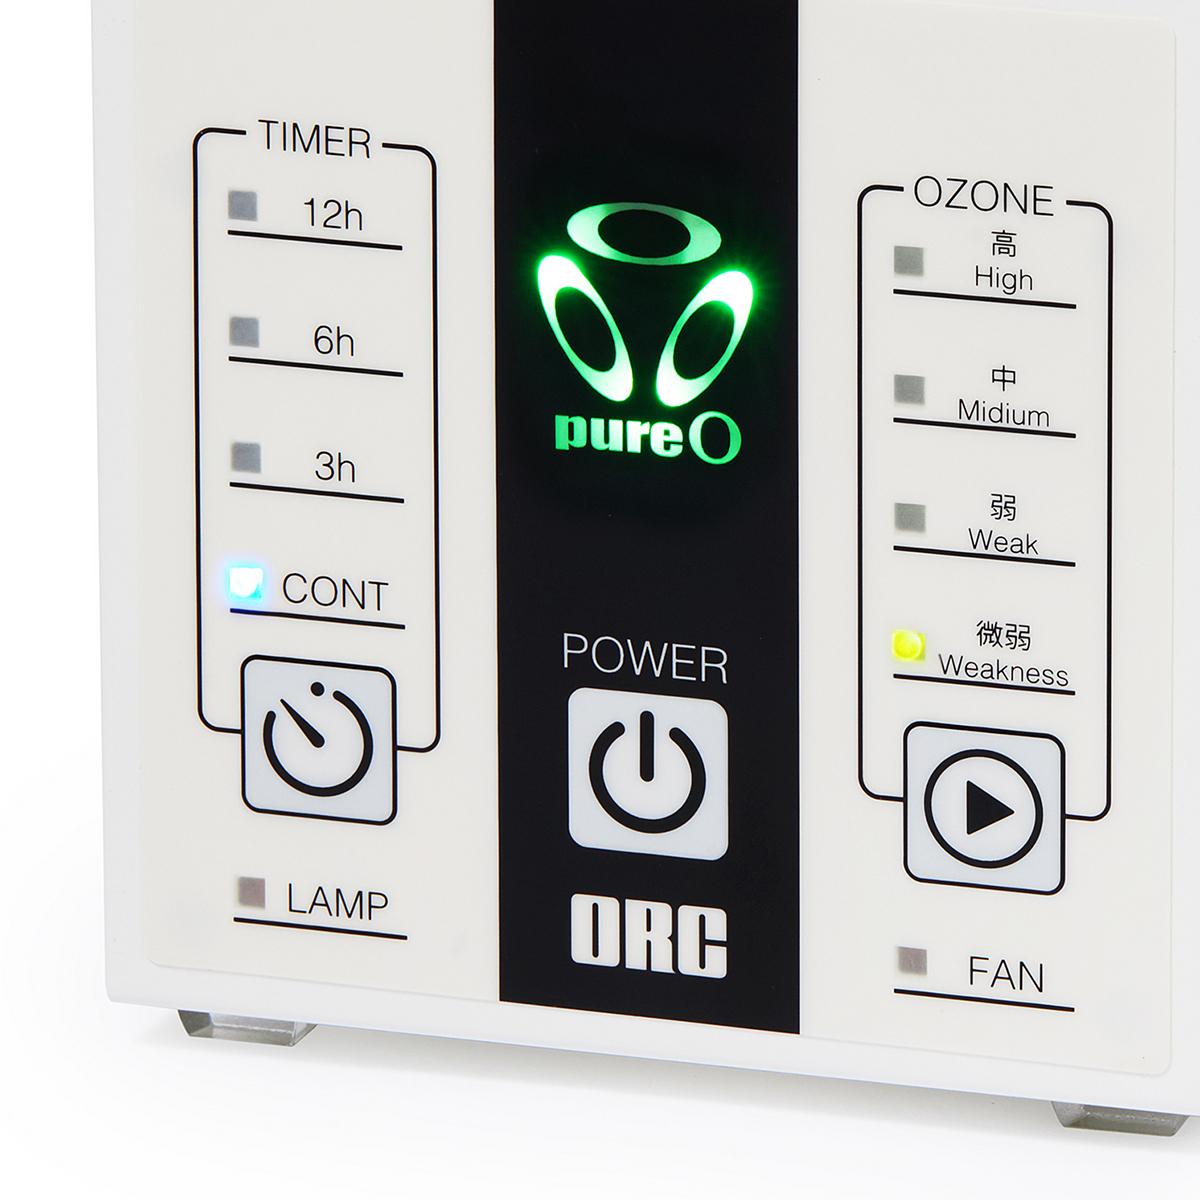 最新のオゾン発生技術とていねいな手仕事が同居した、ほかにはない佇まいに、誰もが魅入られる。日本初、特許のUVランプでウイルス・菌を不活化させる「オゾン発生器・間接照明ランプ」|RoomiAir